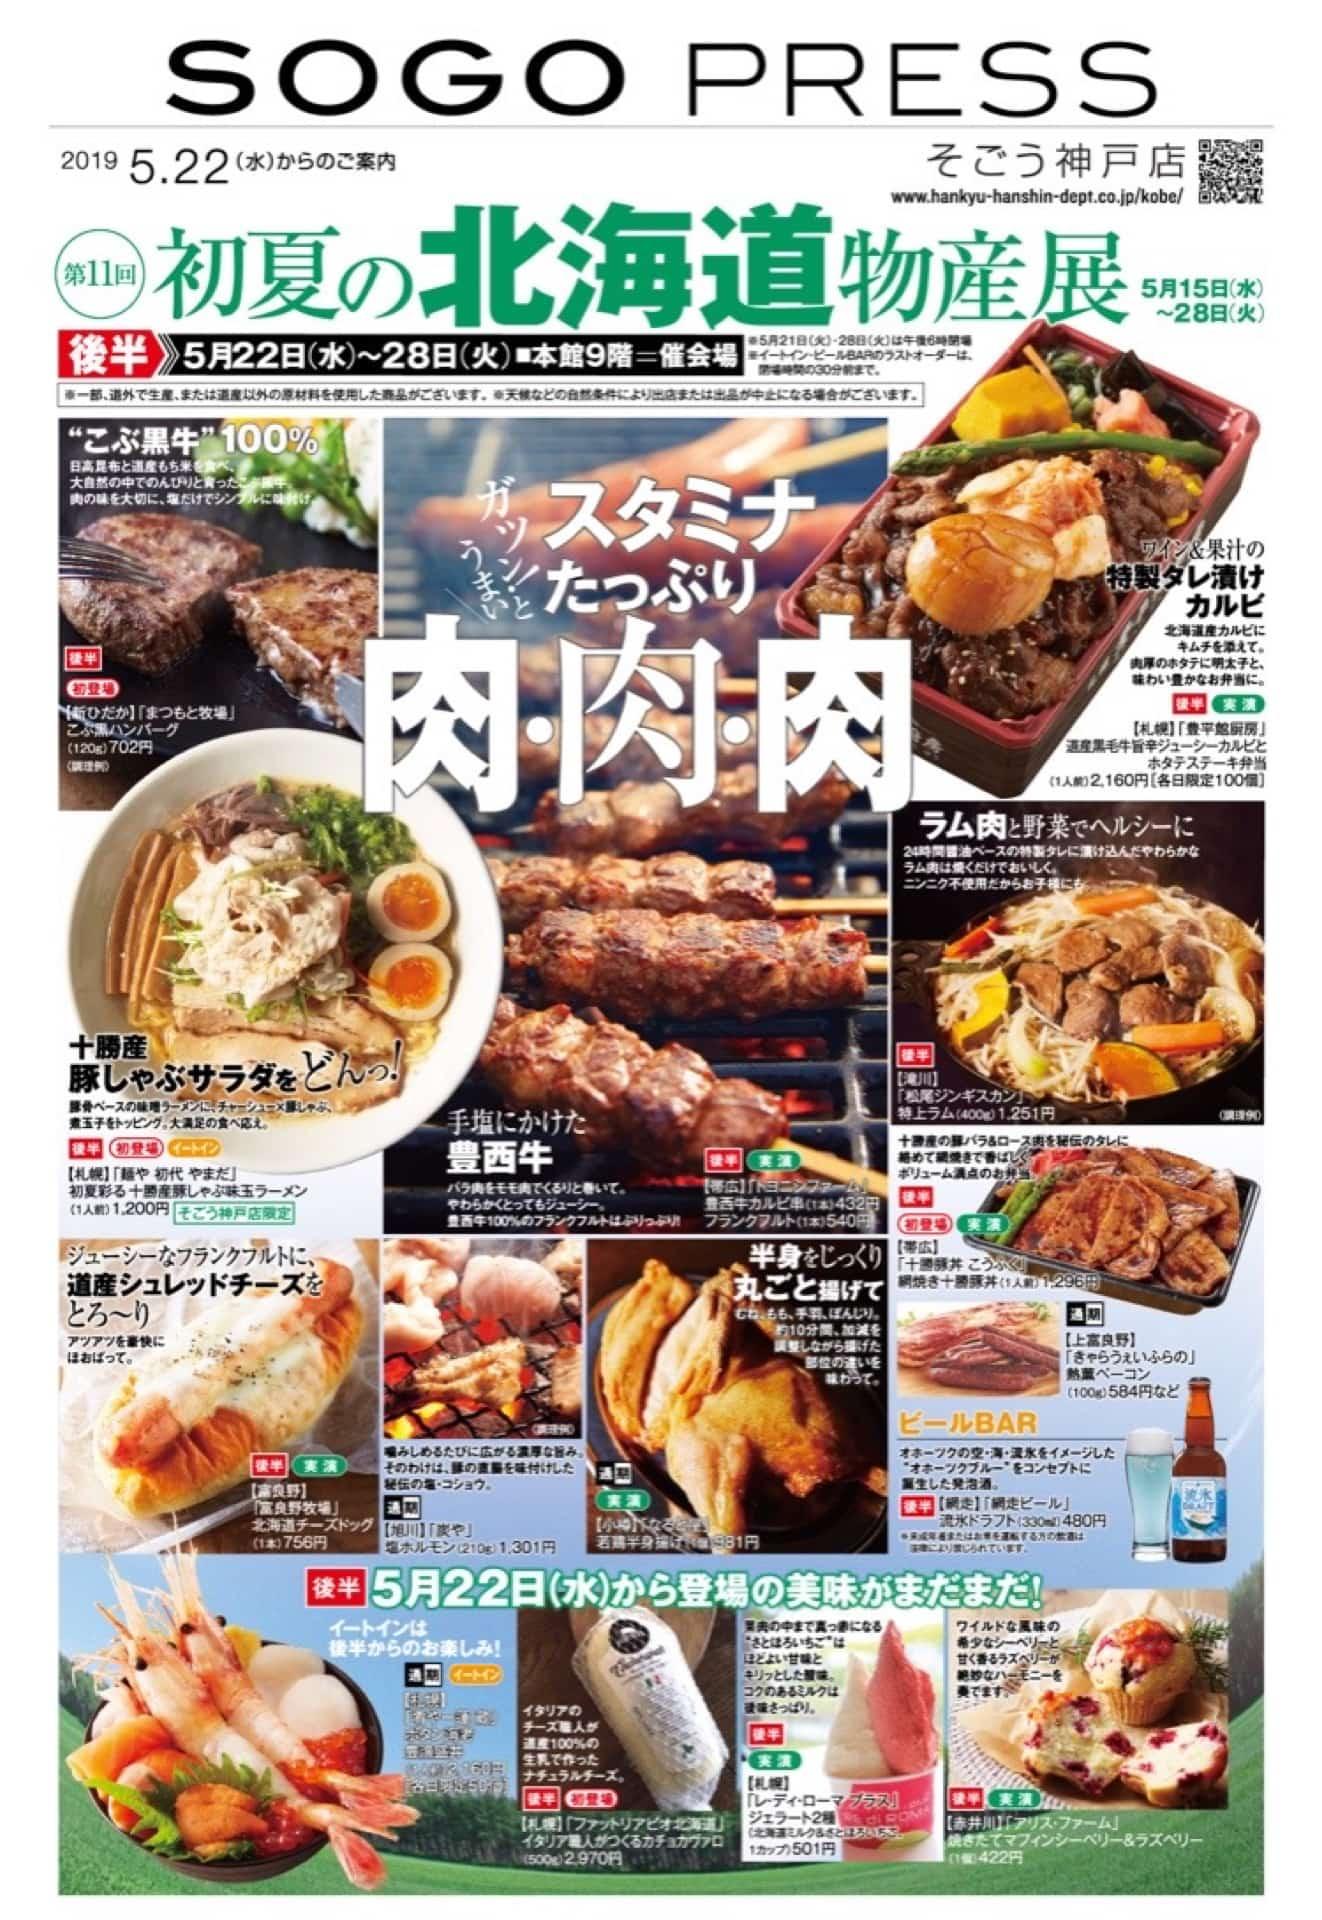 2019年5月そごう神戸店で「第11回初夏の北海道物産展」開催!限定メニューも必見